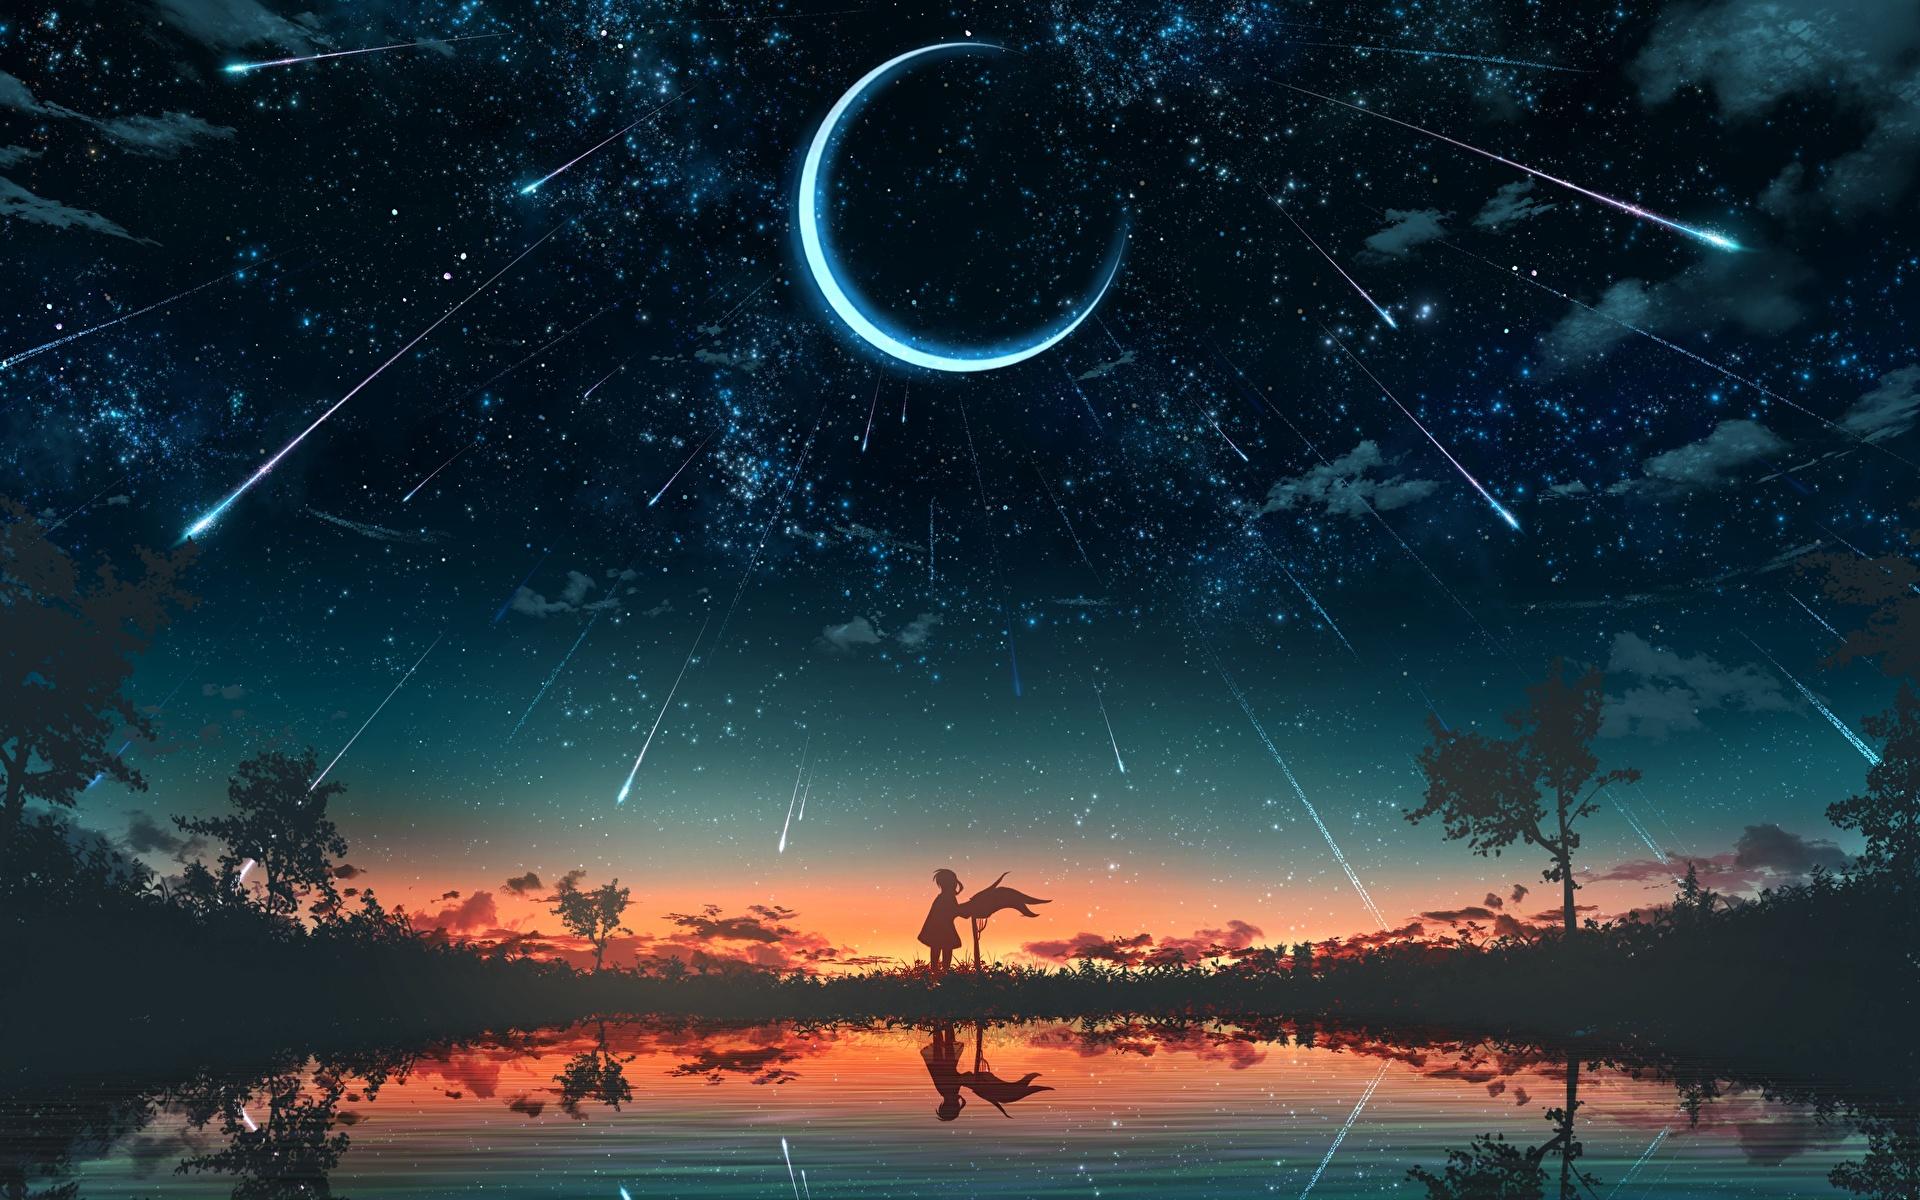 壁紙 19x10 三日月 空 恒星 朝焼けと日没 湖 シルエット ファンタジー ダウンロード 写真